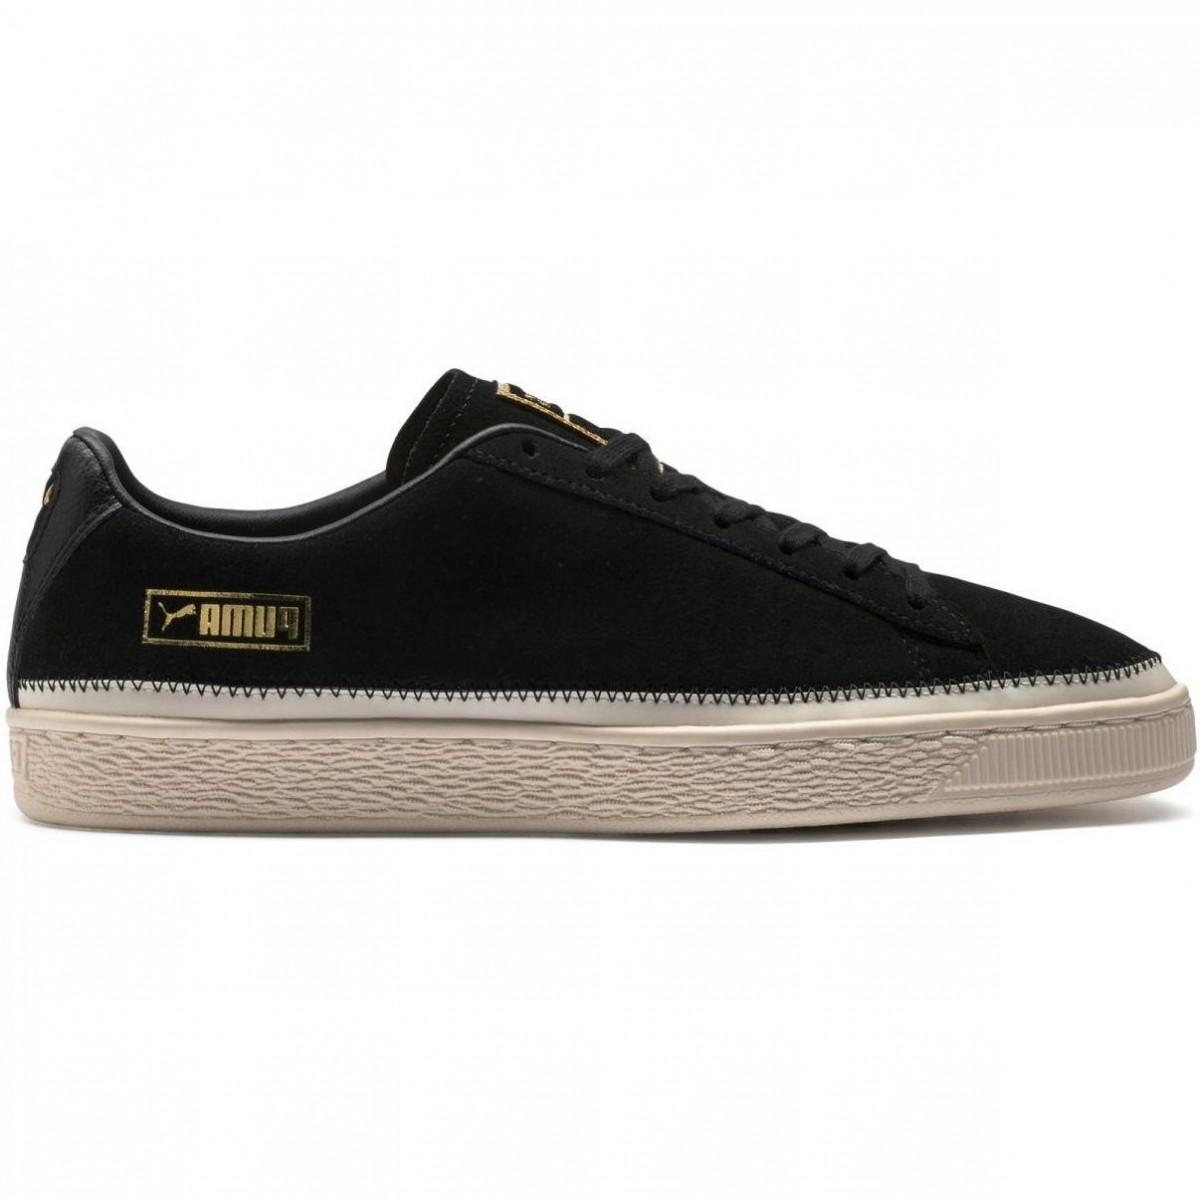 Puma Suede Trim Sneaker